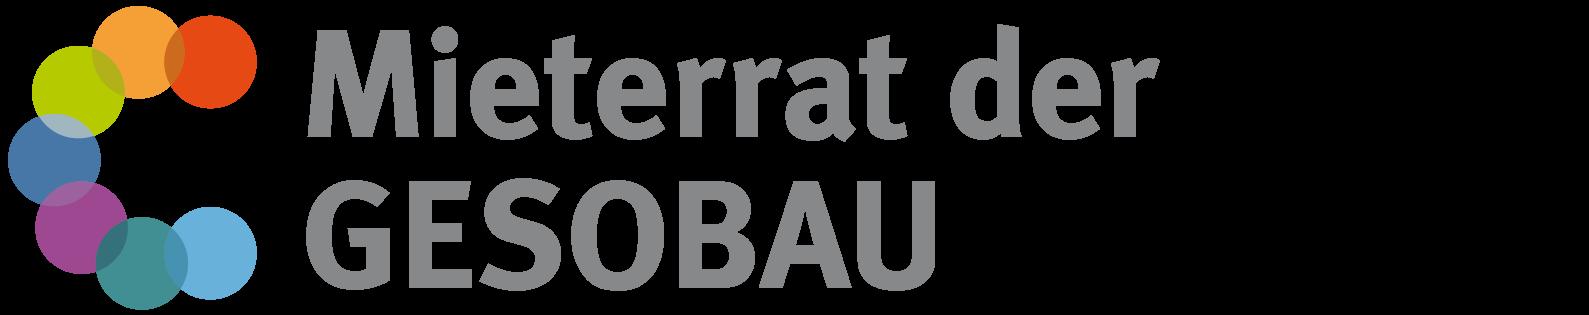 Mieter-Rat.de